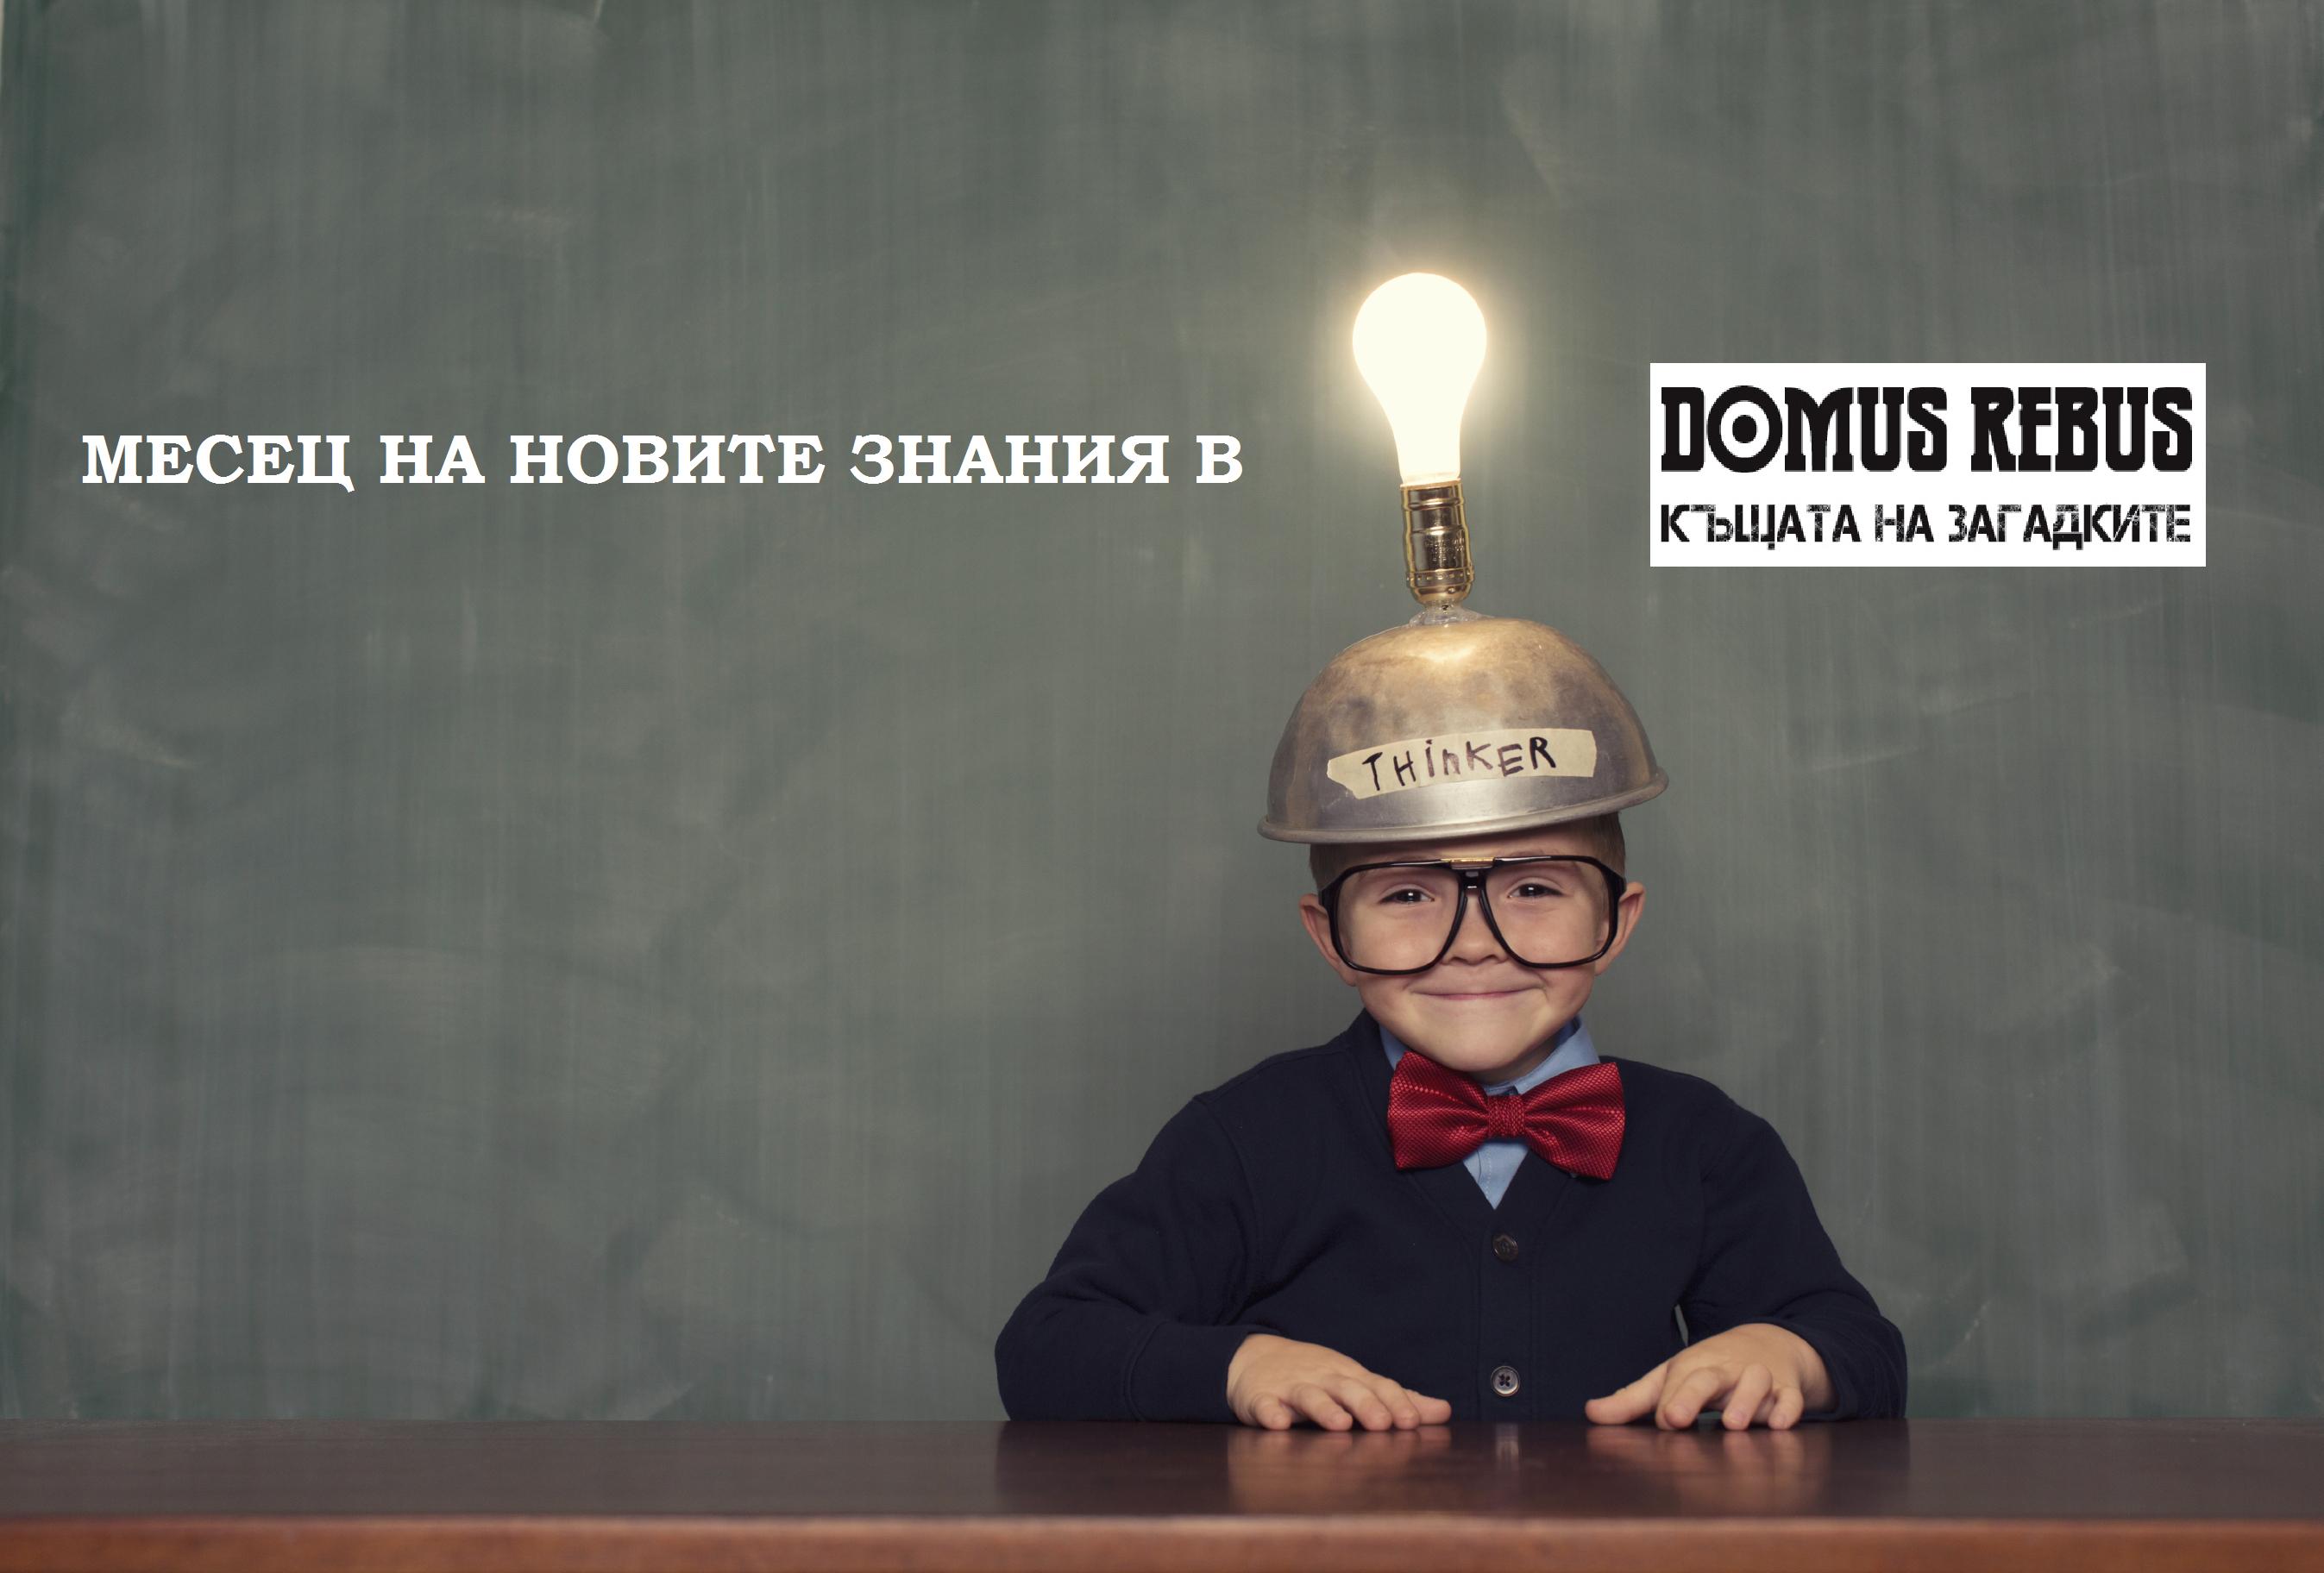 DOMUS REBUS NEW SKILLS 2